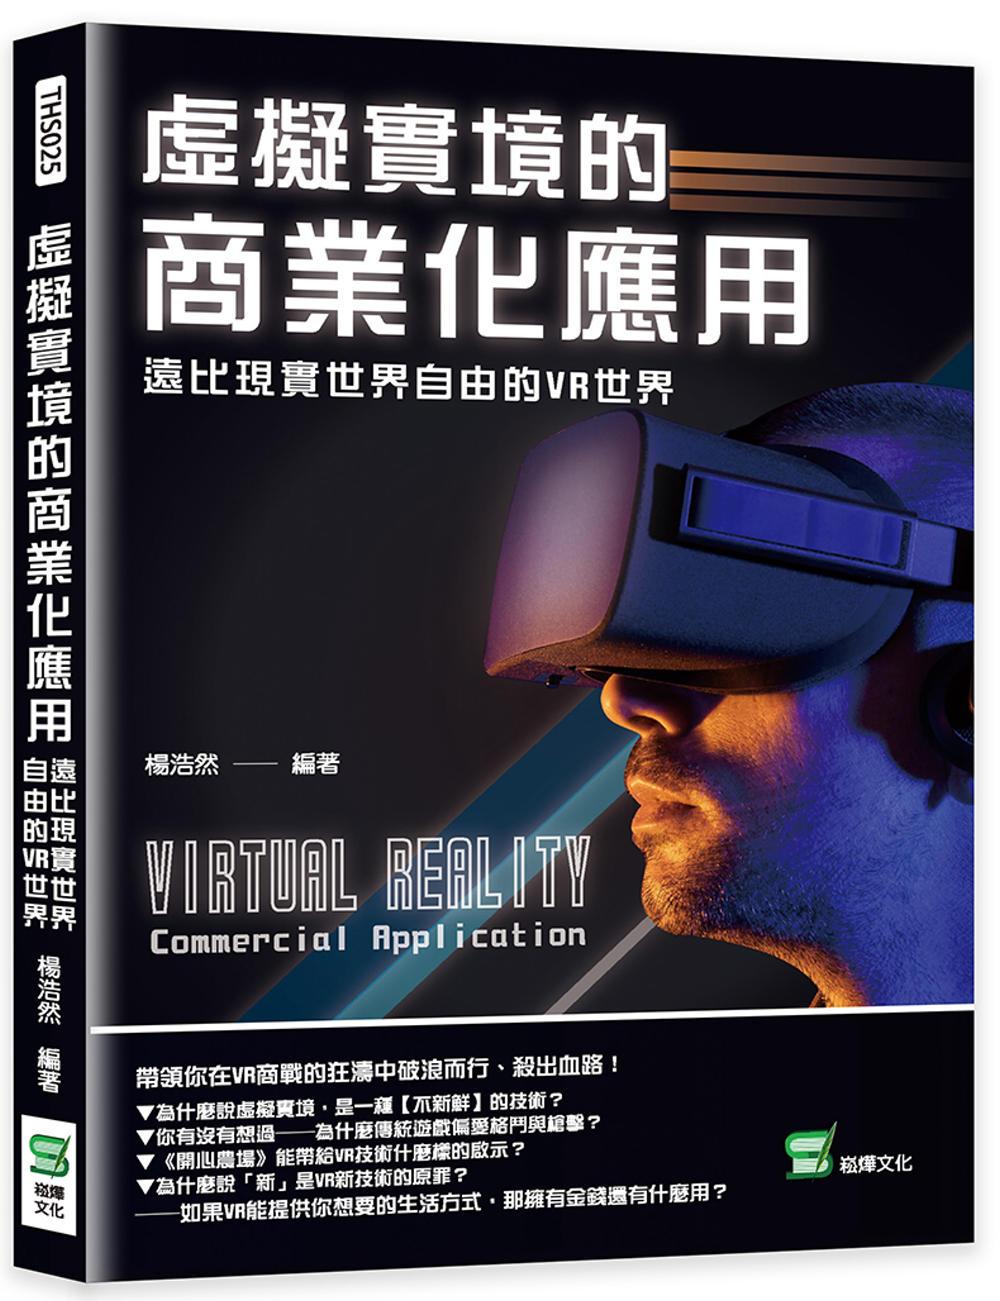 虛擬實境的商業化應用:遠比現實...